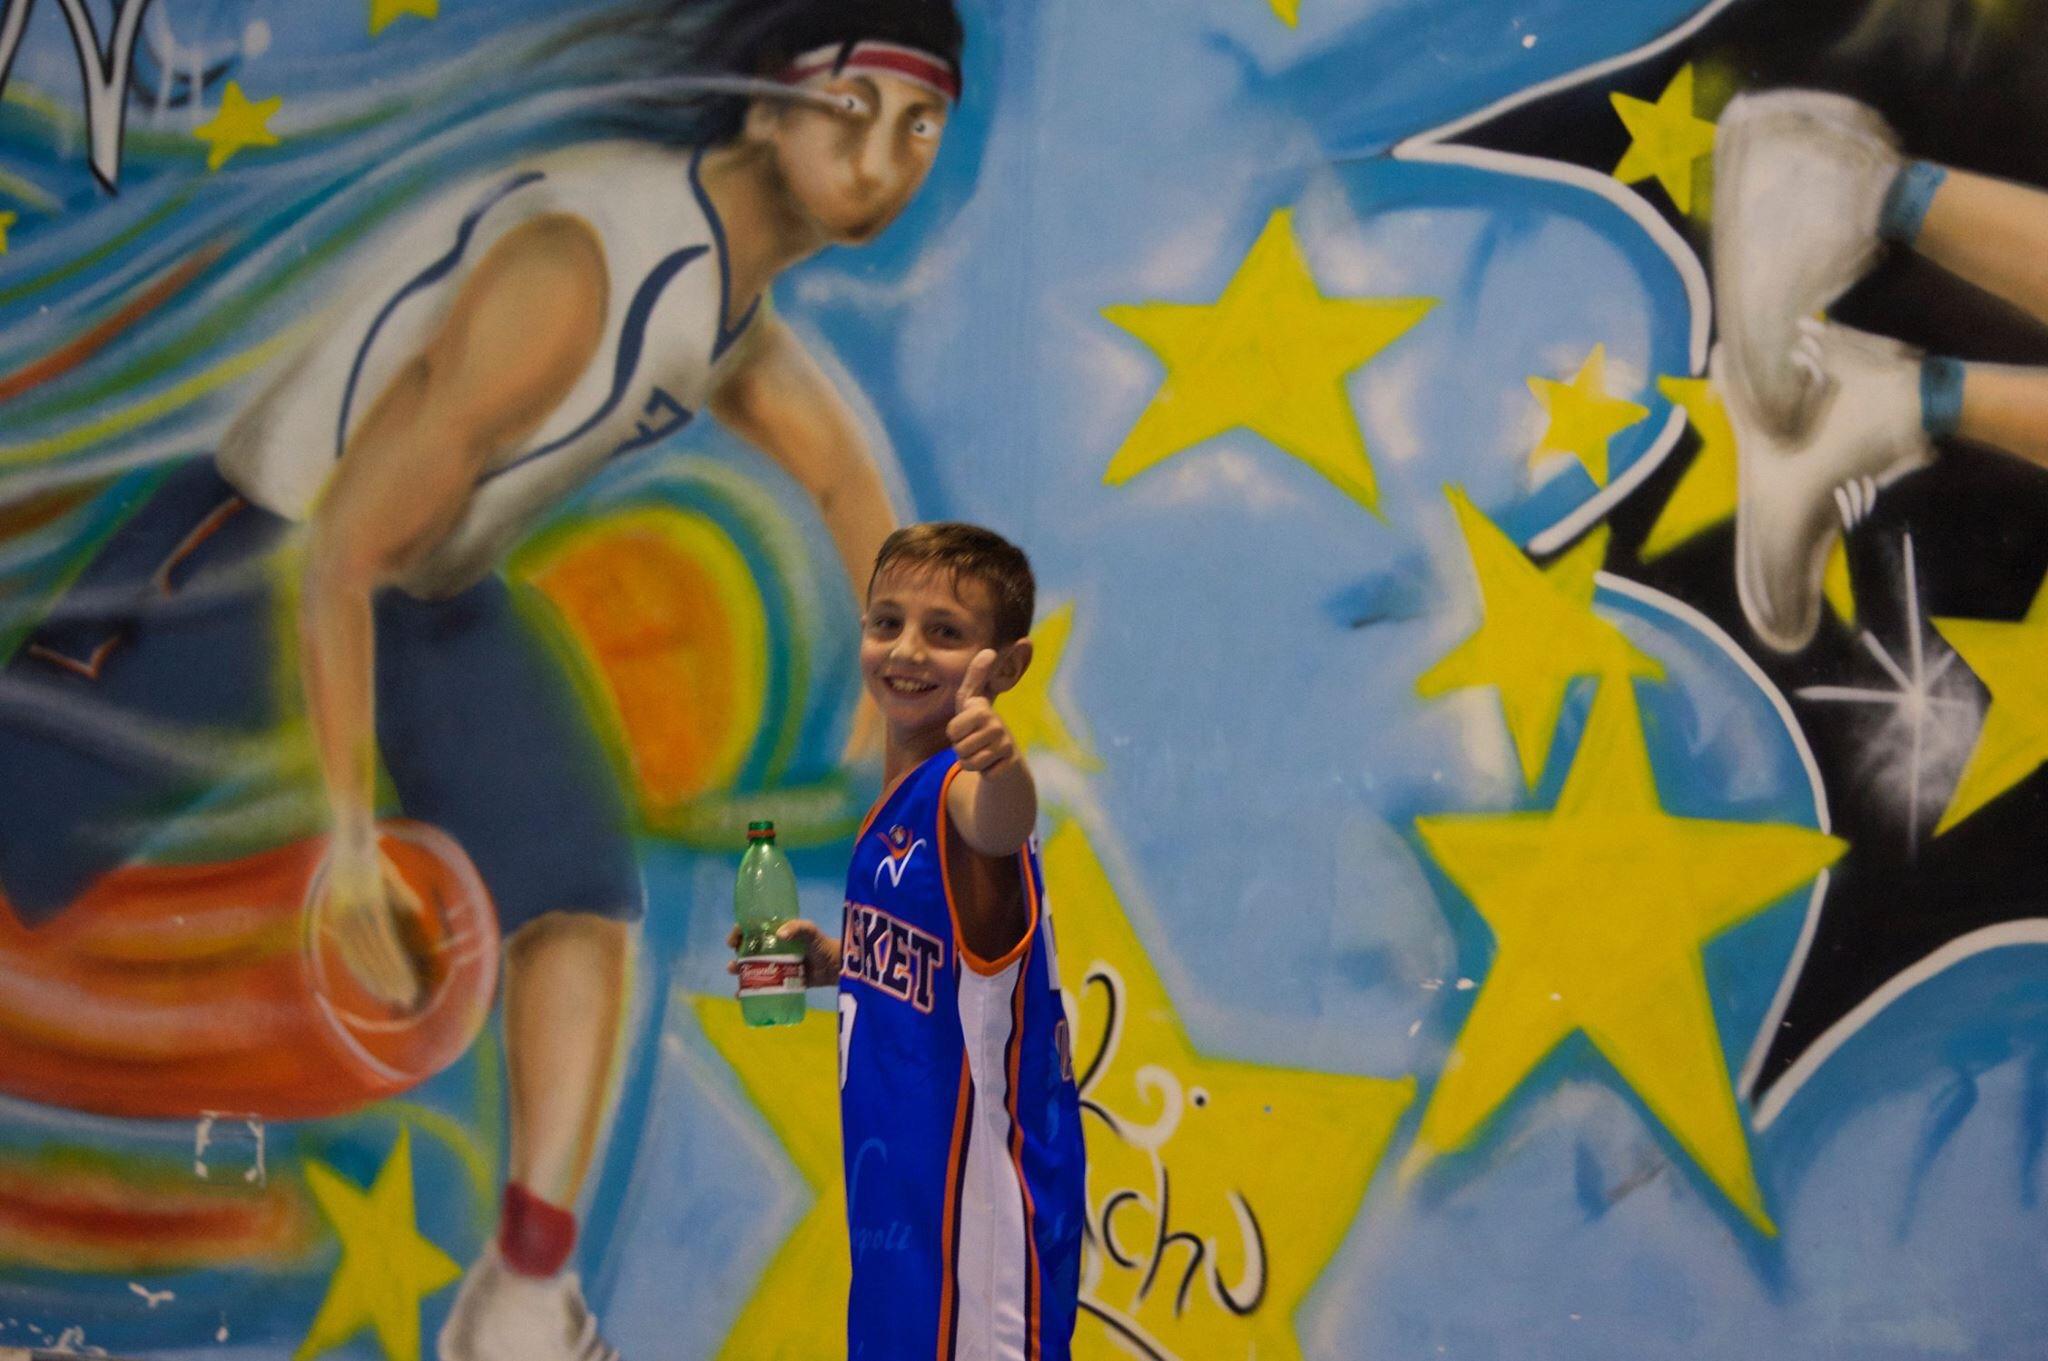 Prima Divisione: Vivi Basket inizia l'anno con una bella vittoria